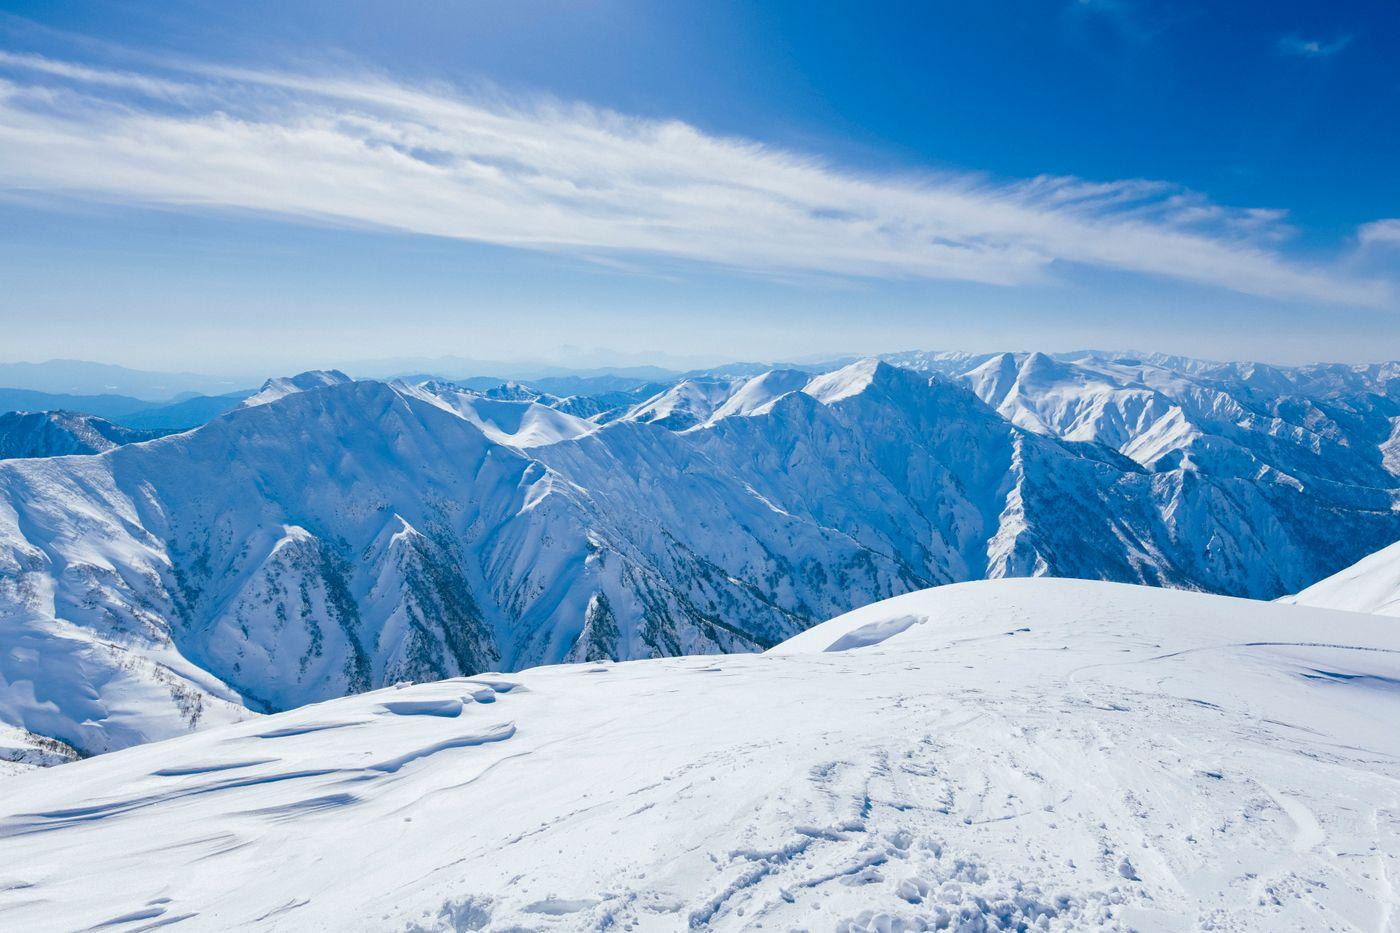 一ノ倉岳から見る谷川主脈の写真